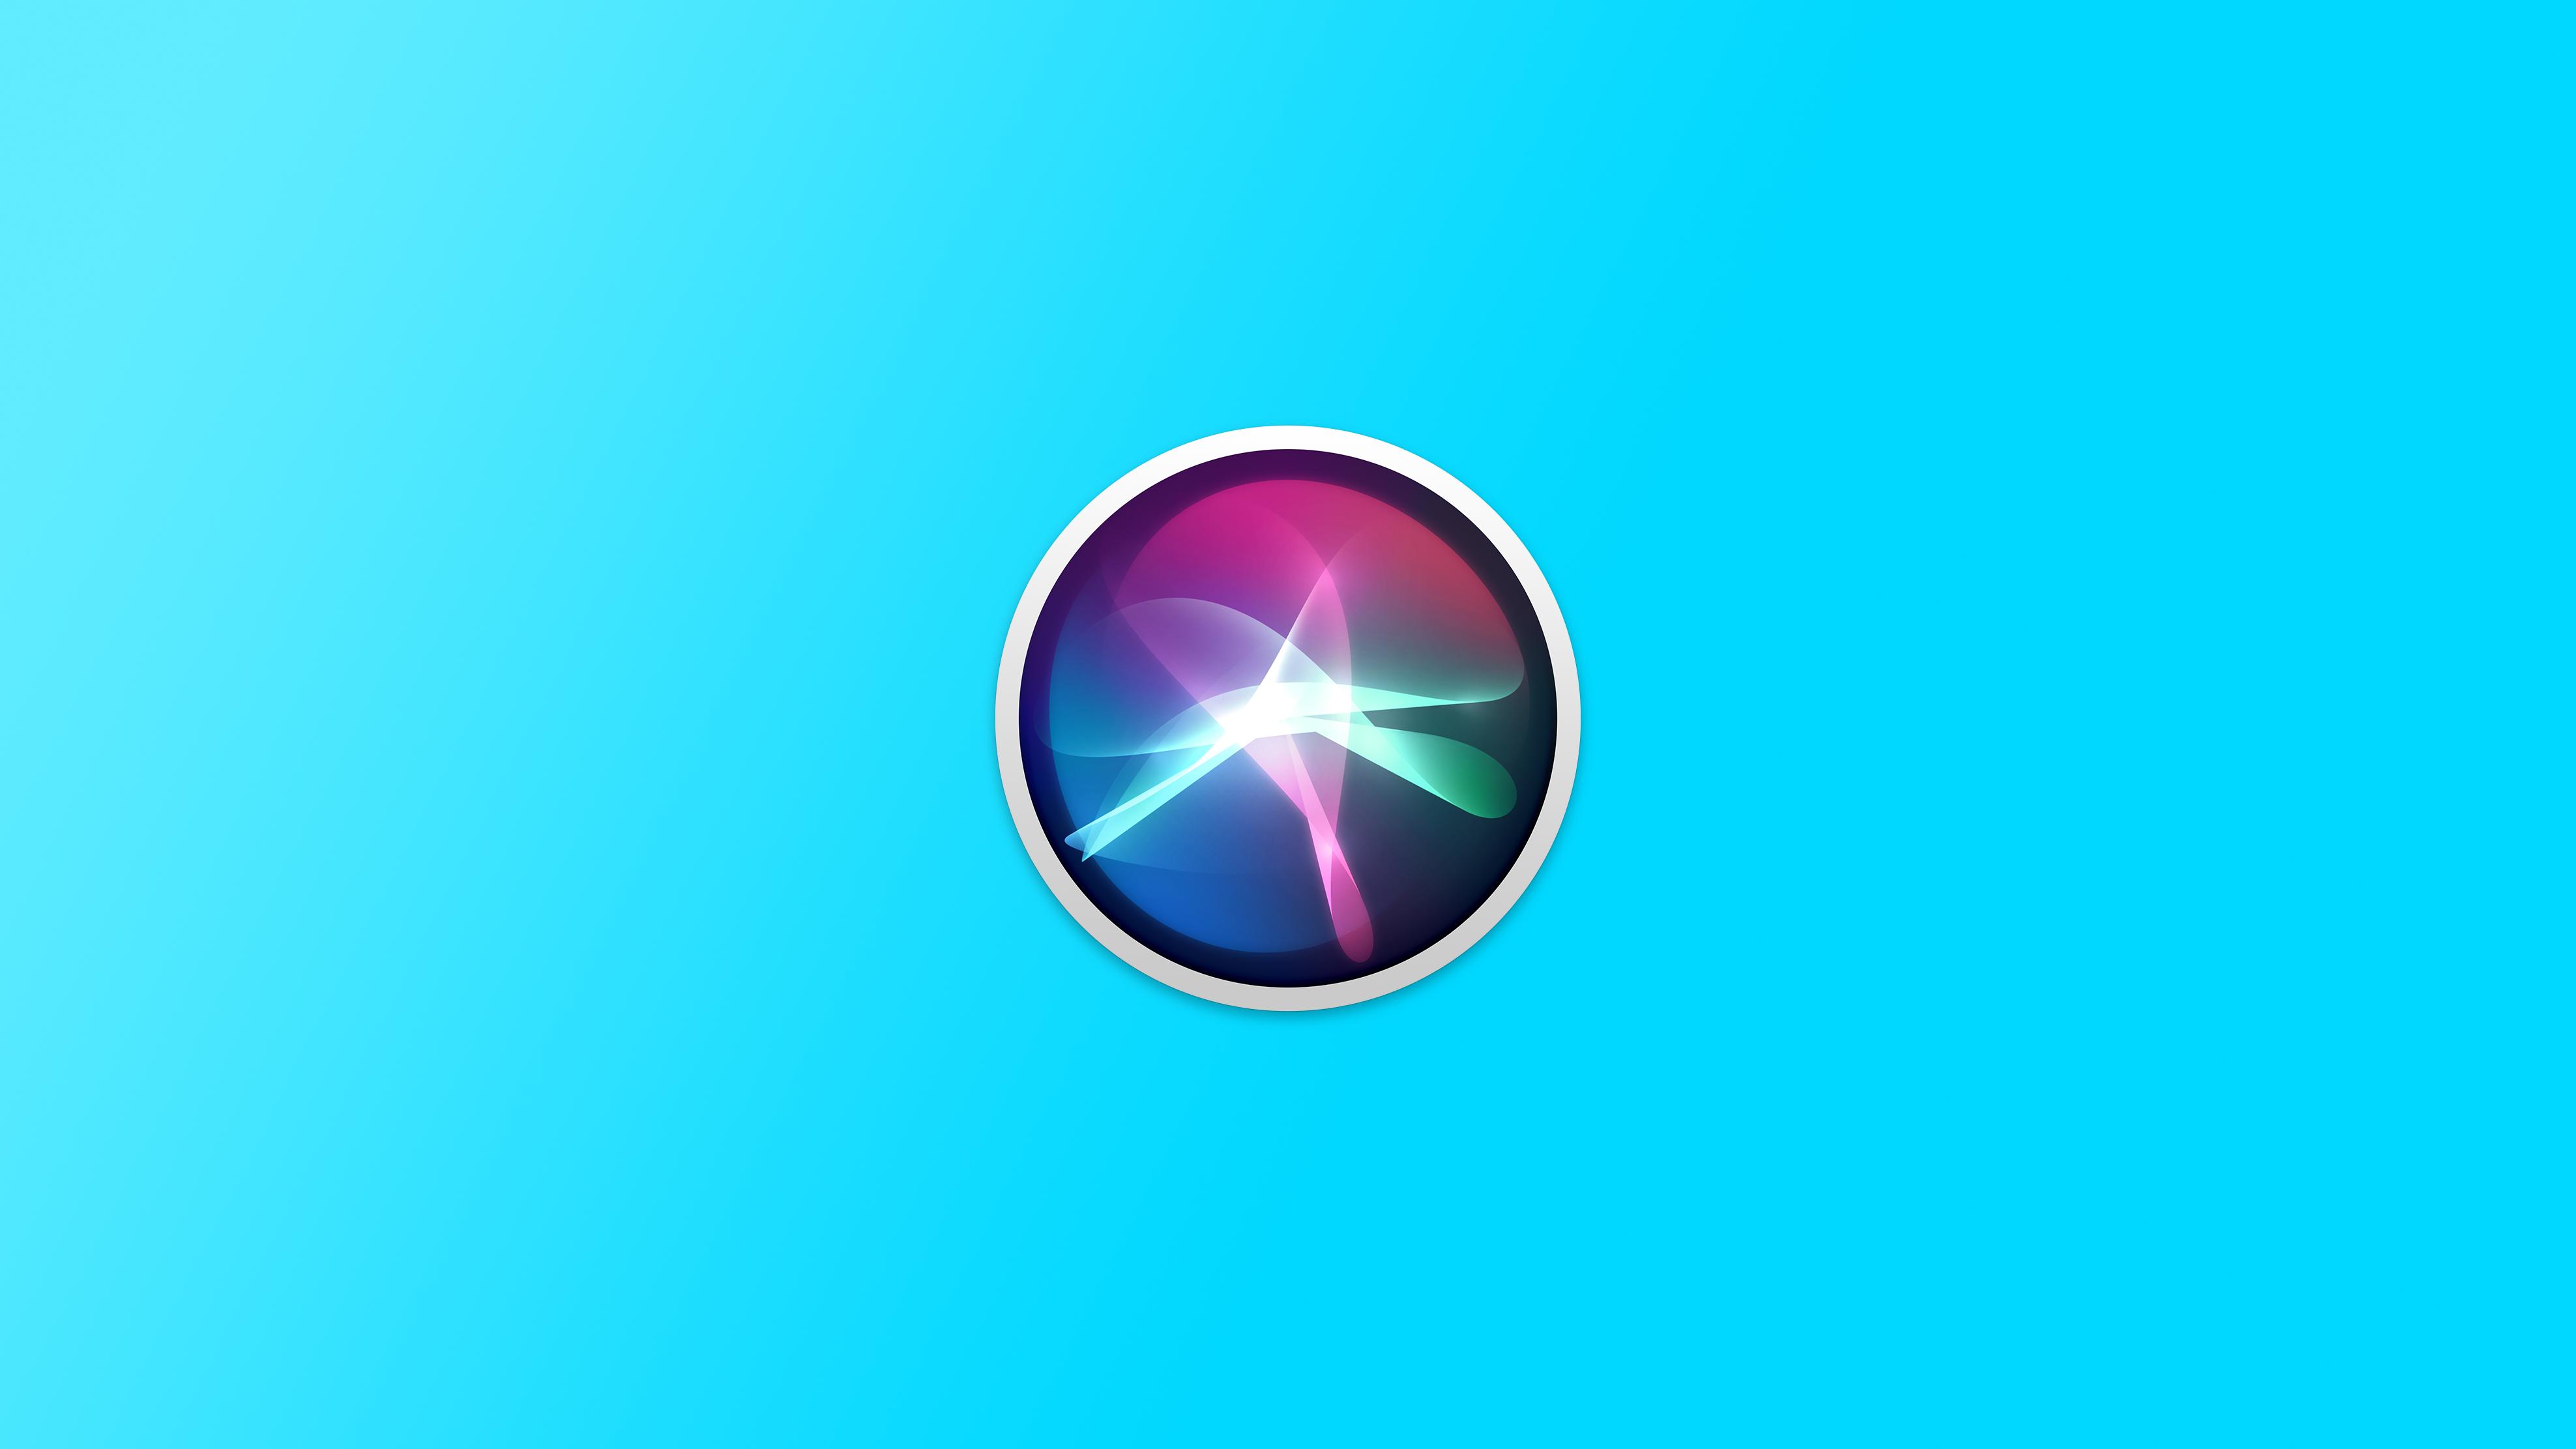 Siri icoon 16x9 Google Assistent